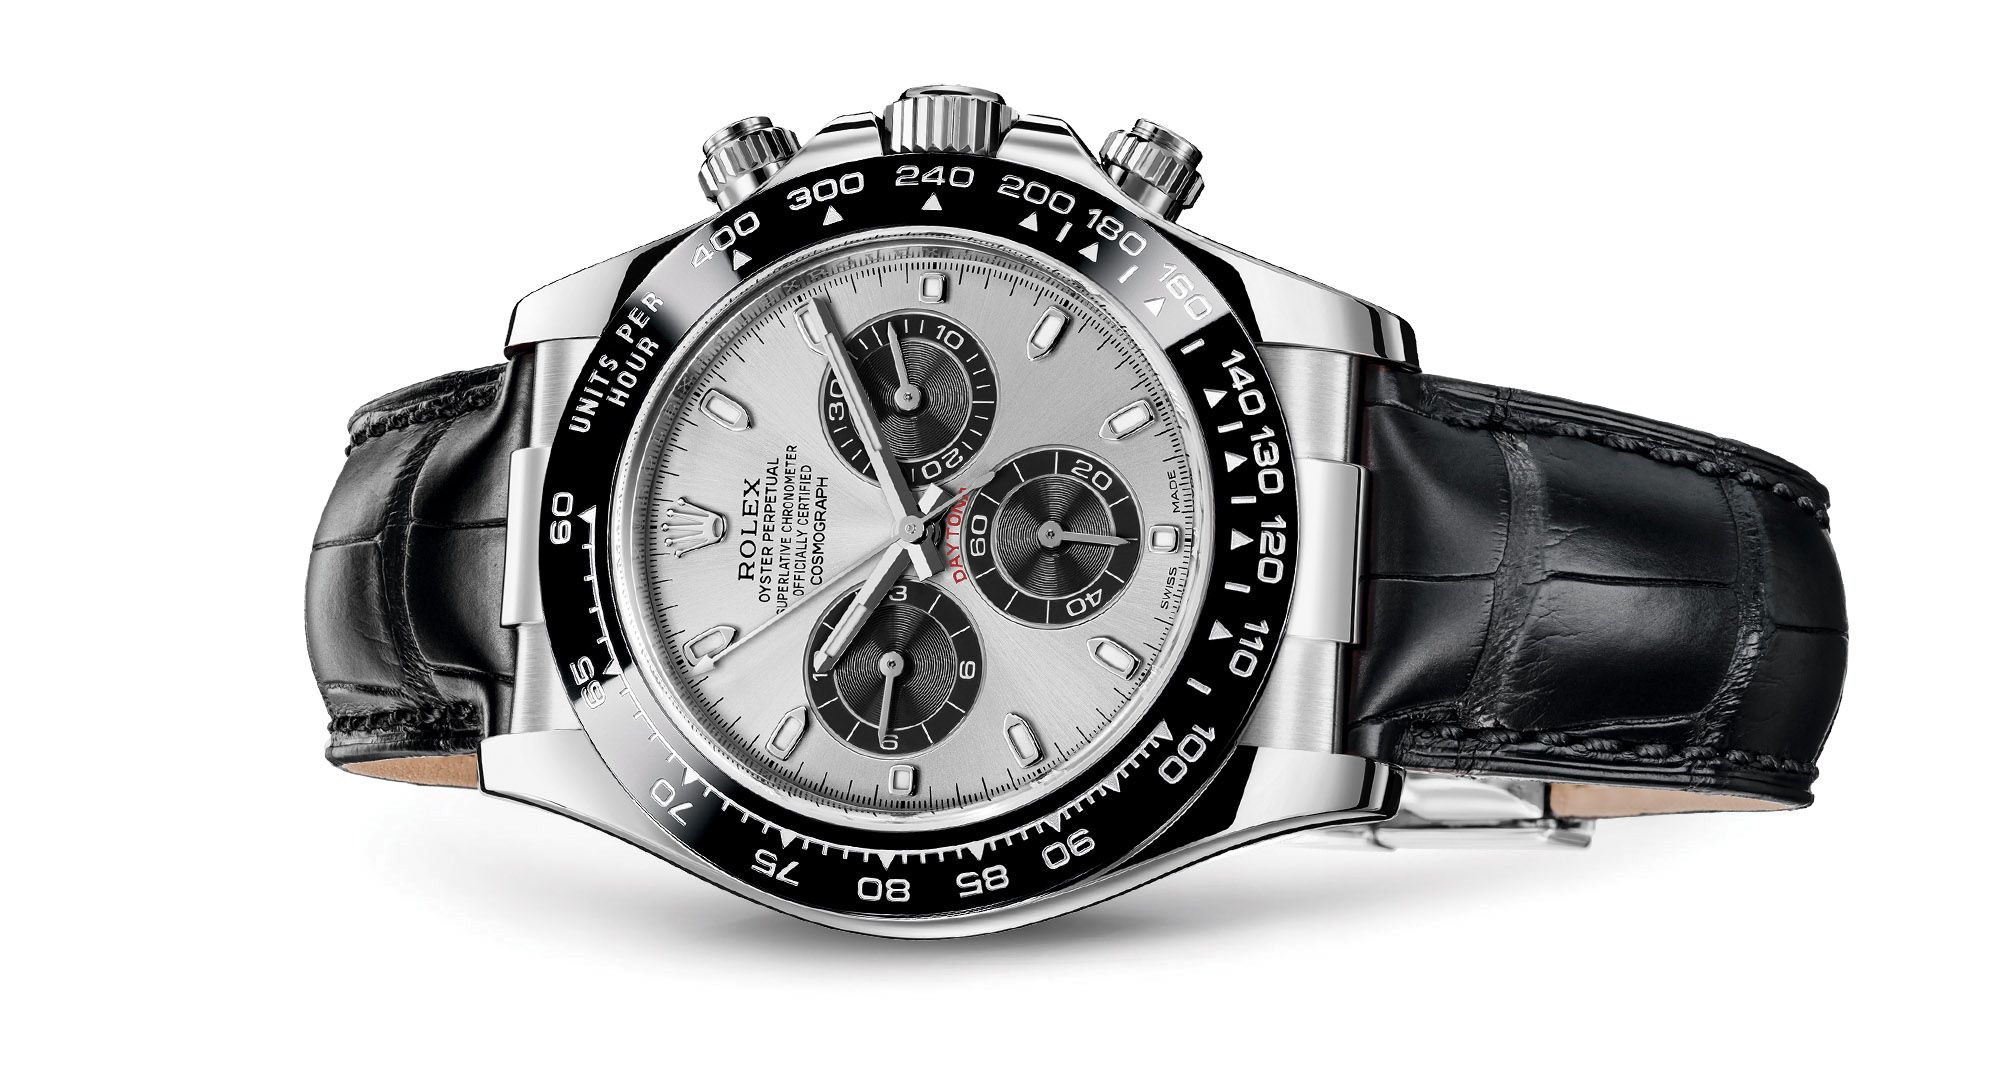 Rolex Baselworld 2017 Rolex Predictions 2017 Rolex Novelties 2017 Luxury Watches For Men Rolex Watches Rolex